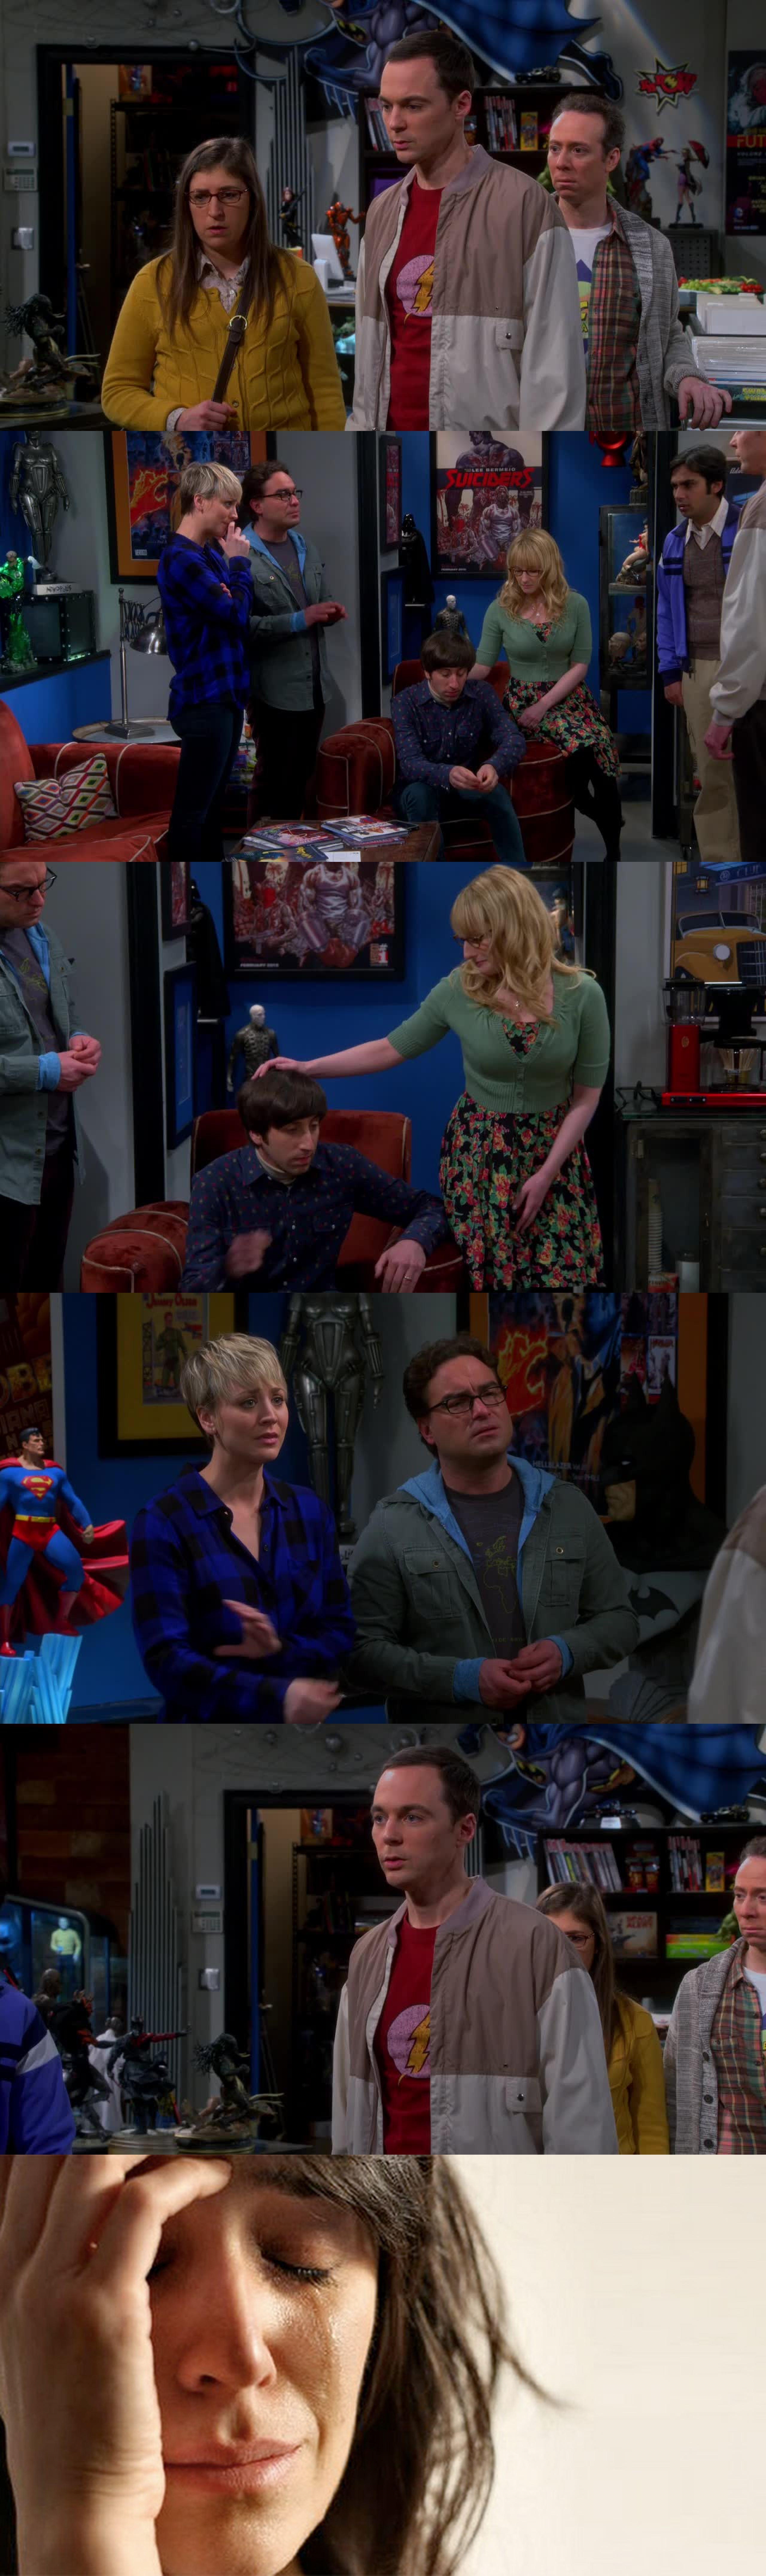 Sheldon ha detto la cosa più bella che puó dire una persona in un momento di difficoltà.  Grazie Shelly :')  RIP Mrs Wolovitz, I will miss you